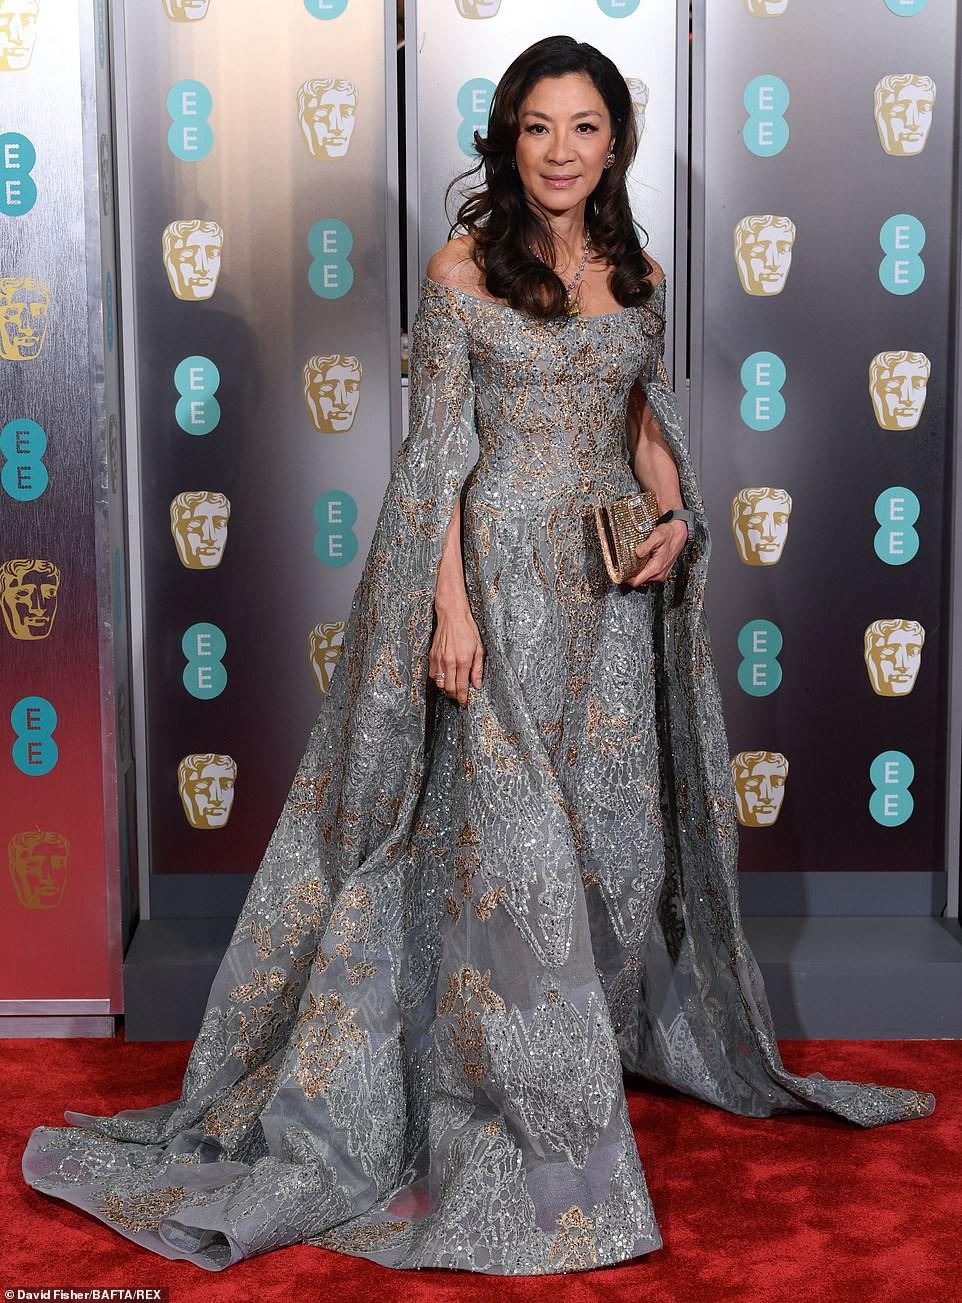 Thảm đỏ Oscar Anh Quốc: Công nương Kate và dàn sao Hollywood khoe nhan sắc tuyệt trần, thật khó chọn ai đẹp nhất! - Ảnh 11.